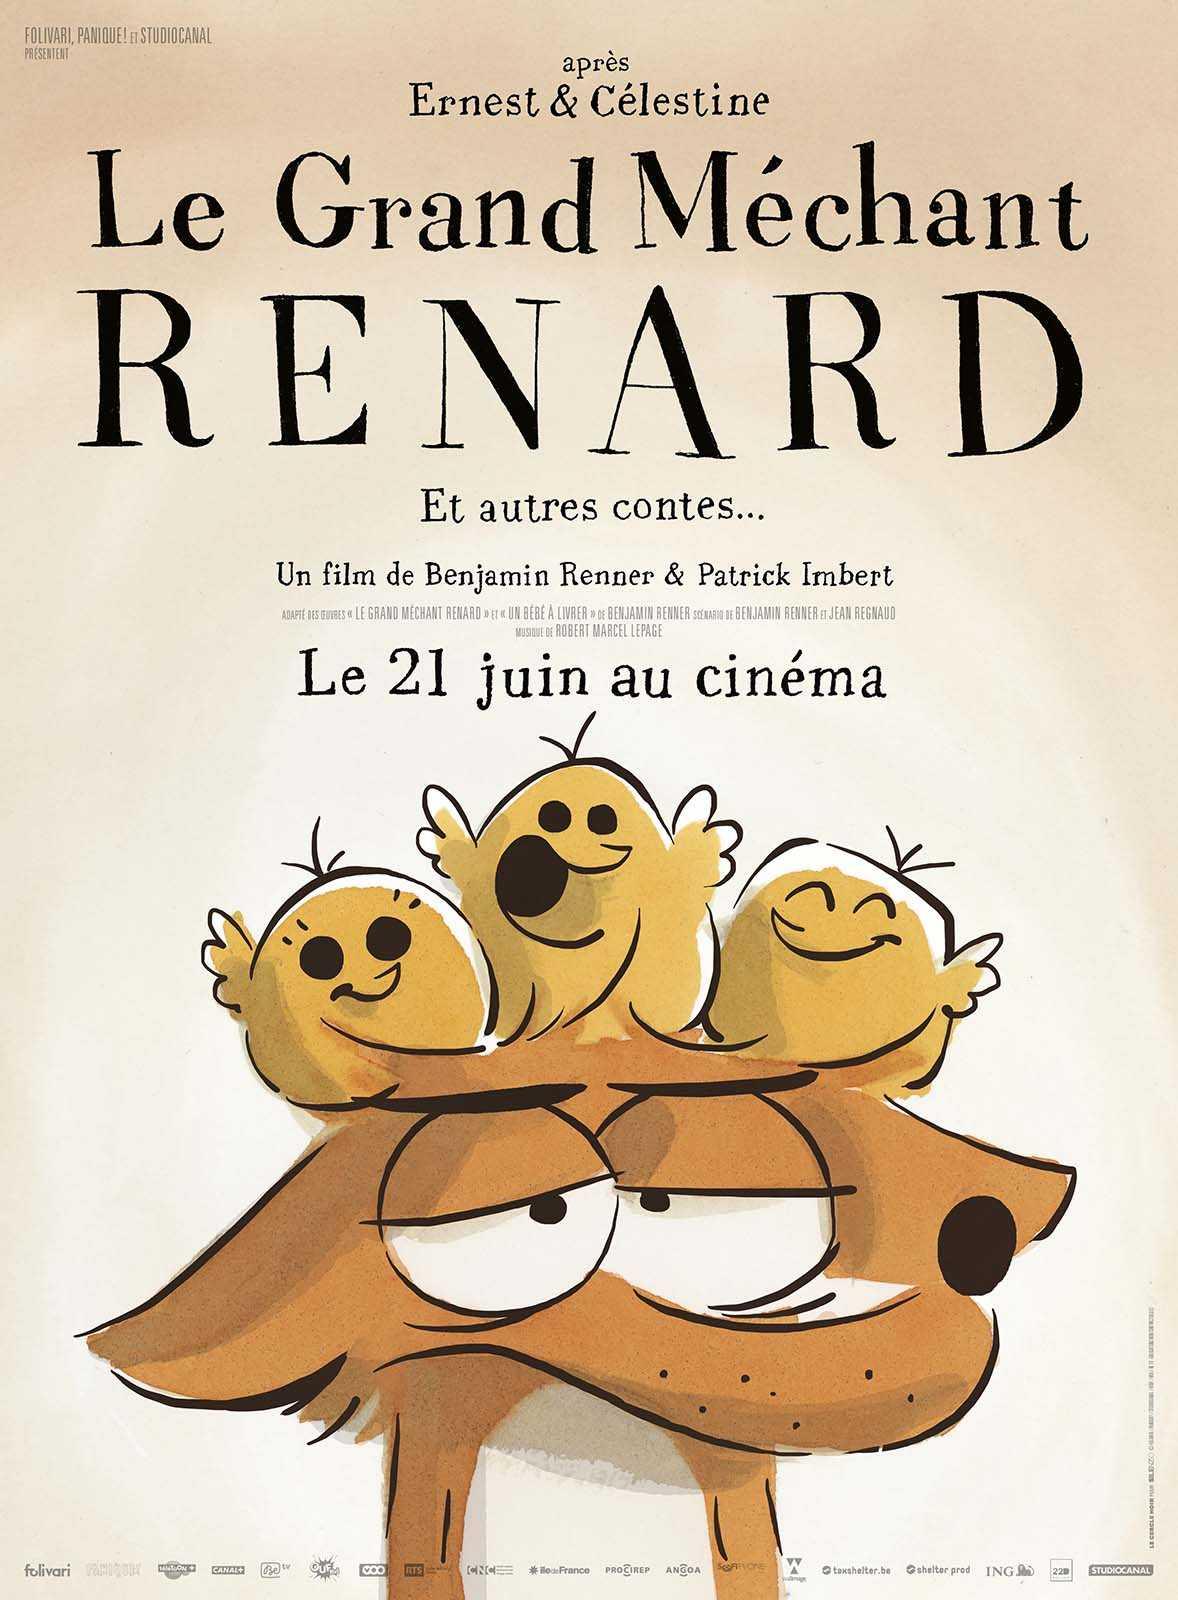 Le Grand Méchant Renard au cinéma le 21 juin